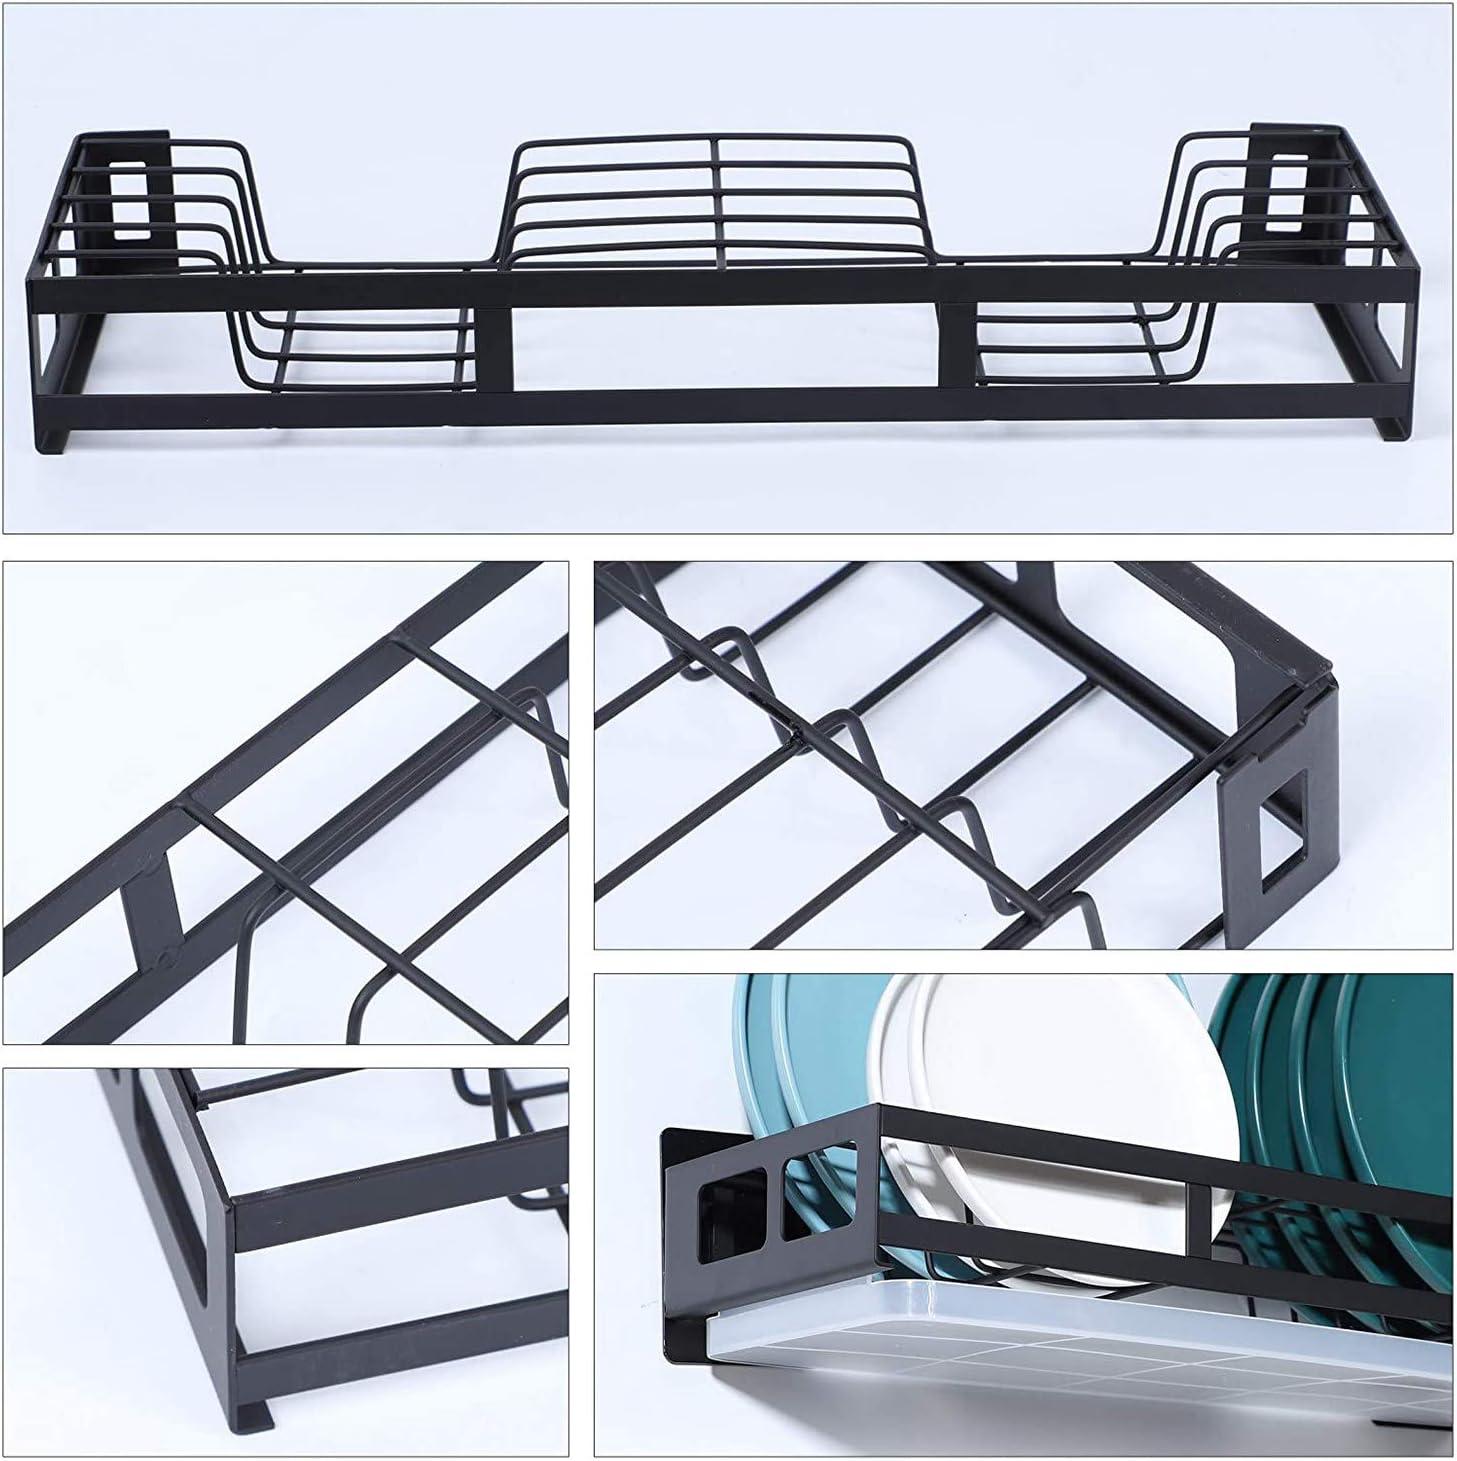 Fransande duradero estante de almacenamiento para platos con tabla de drenaje Escurreplatos para colgar en la pared con soporte para utensilios